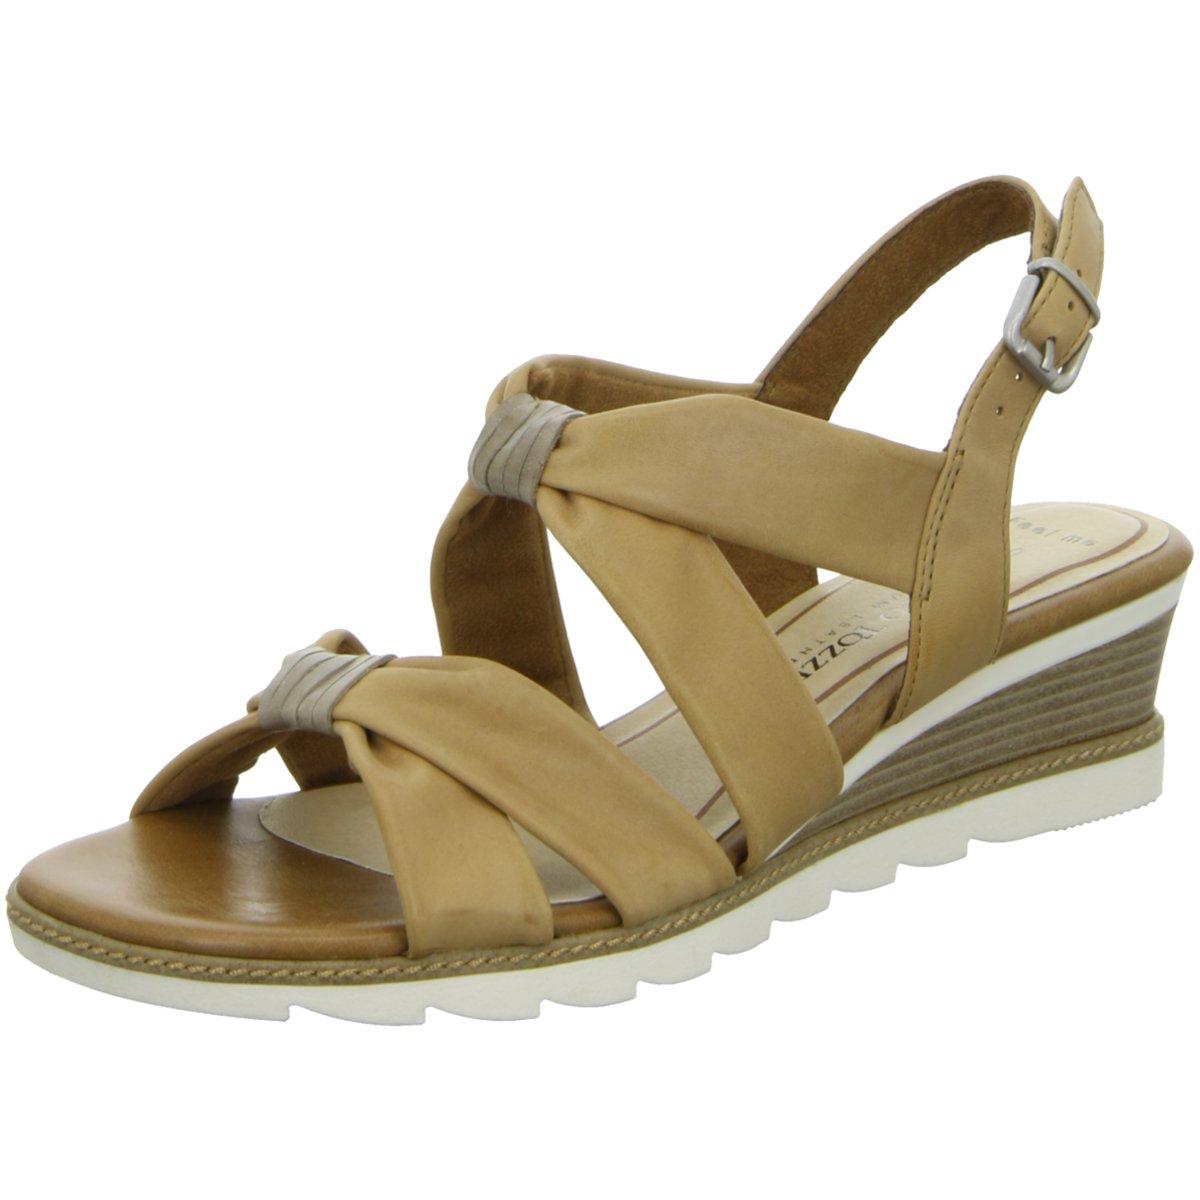 NEU Marco Tozzi Damen Sandaleetten Sandaleette eleganter Boden 2-28717-26/421